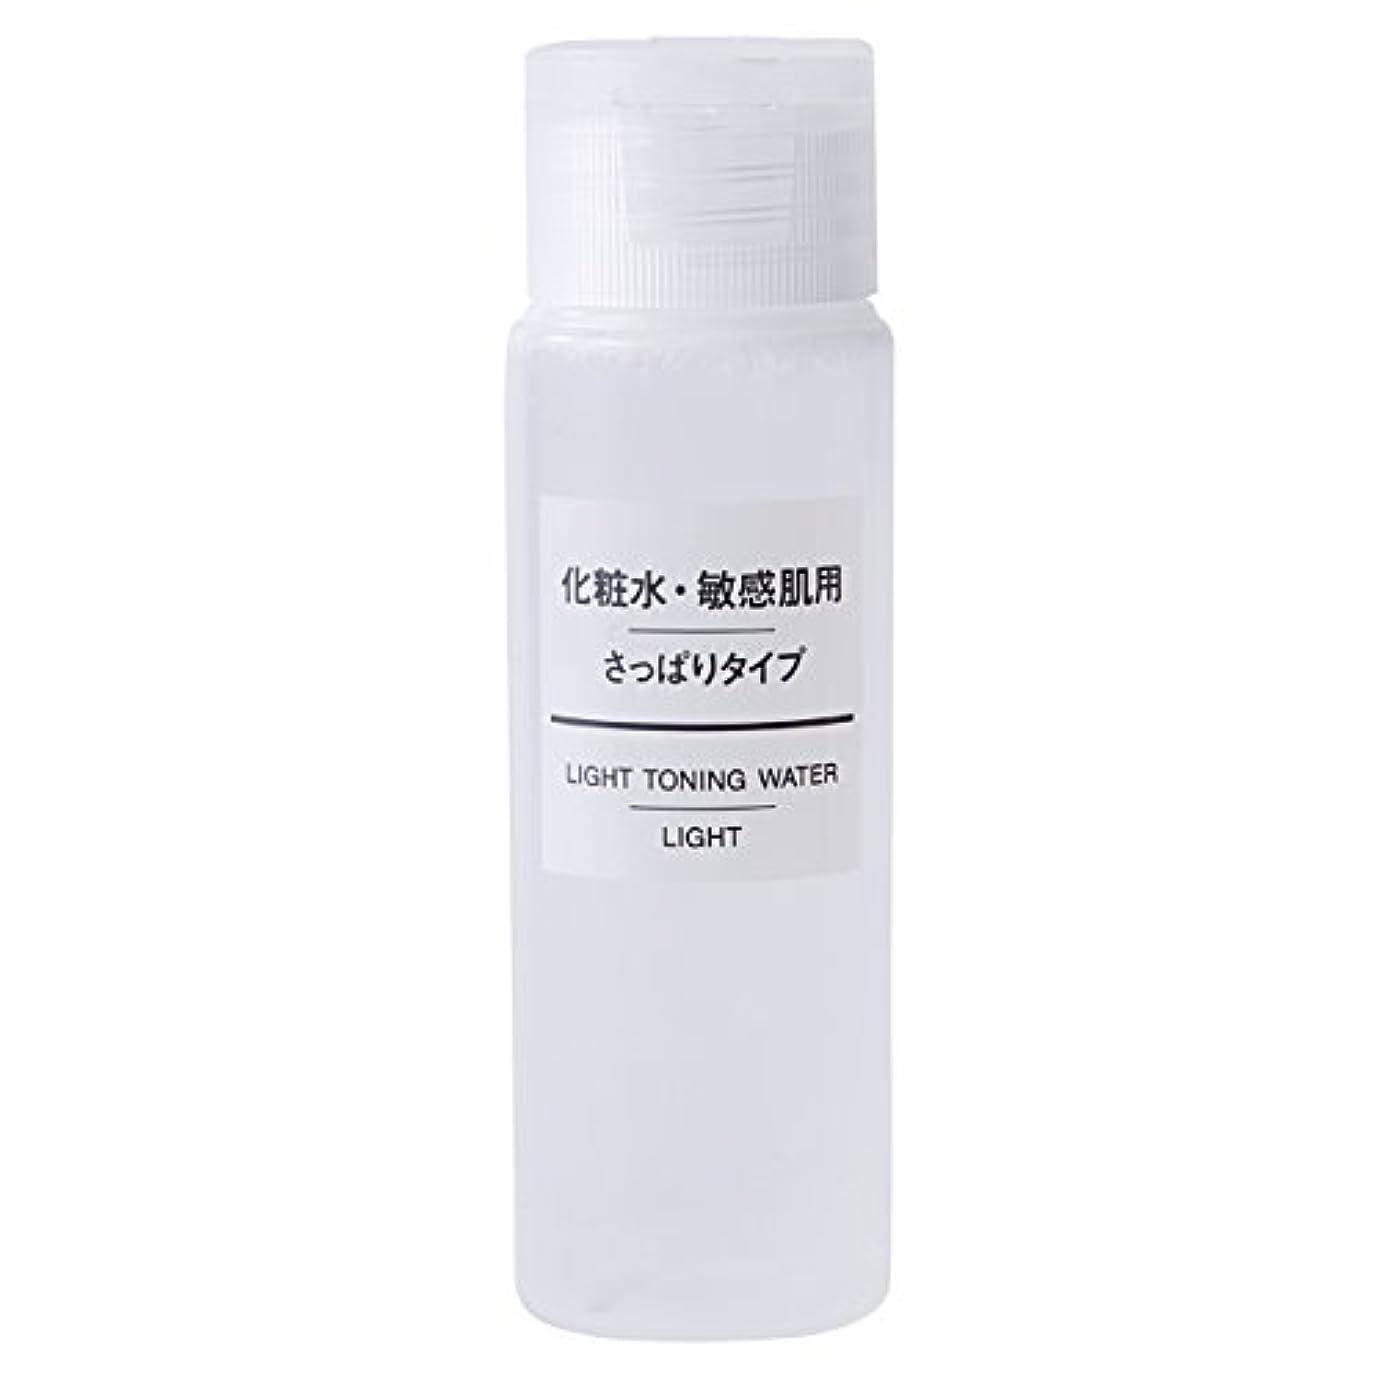 インフルエンザ誰が記録無印良品 化粧水 敏感肌用 さっぱりタイプ(携帯用) 50ml